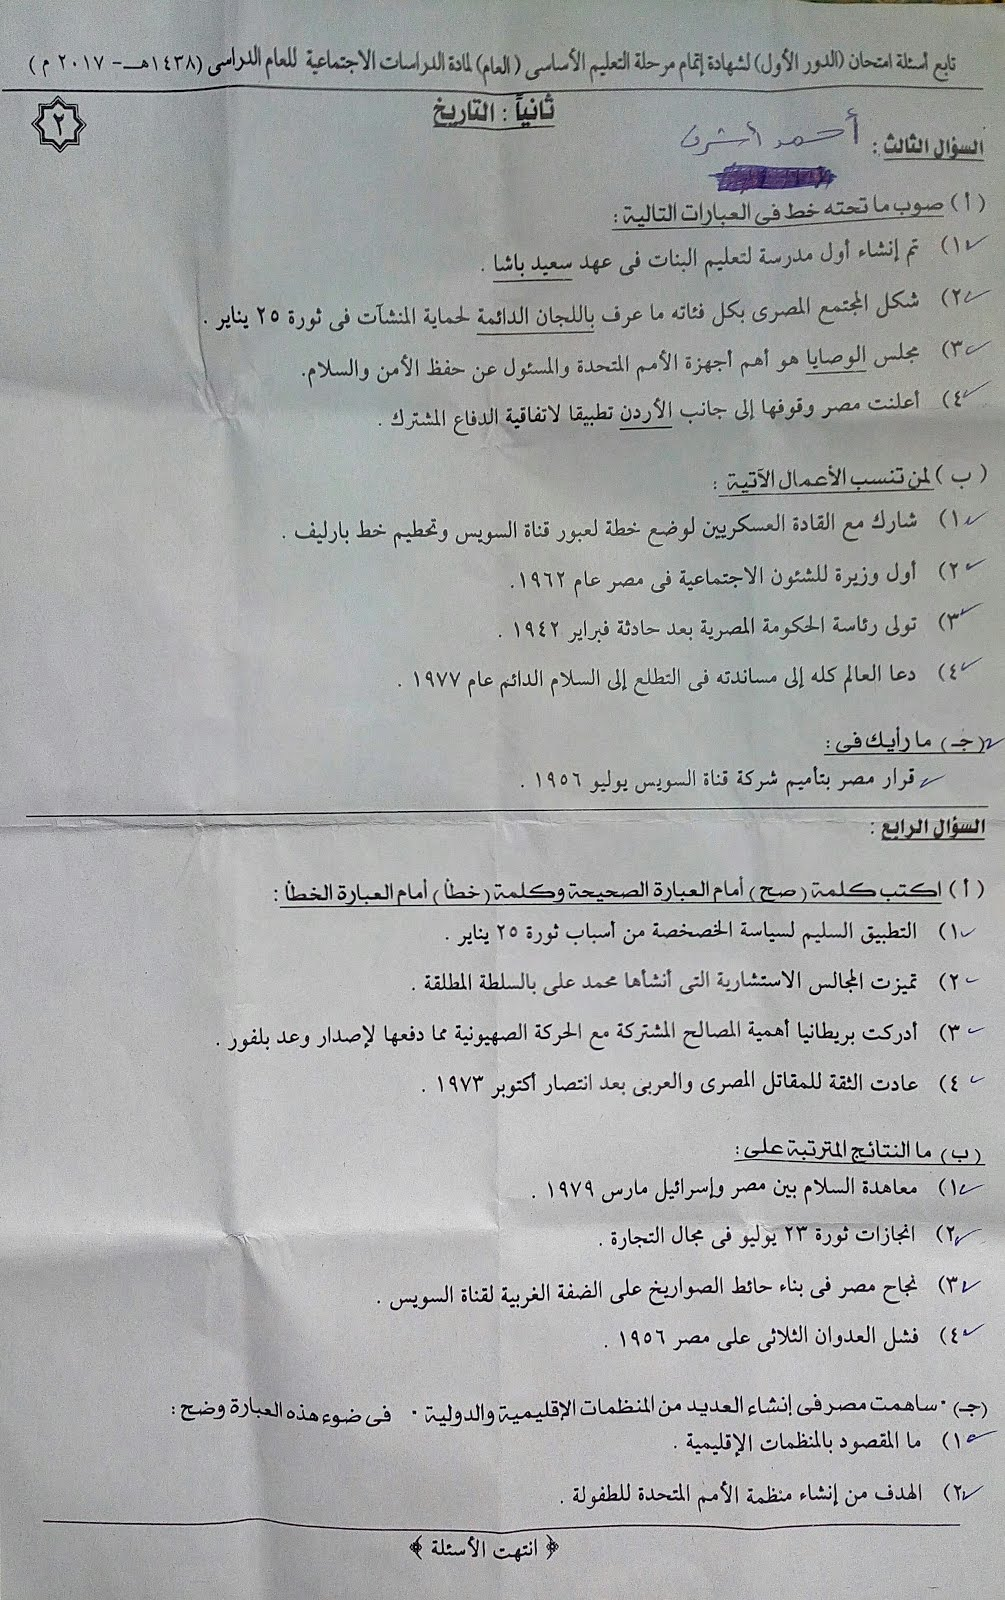 ورقة امتحان الدراسات الاجتماعية للصف الثالث الاعدادي الفصل الدراسي الثاني 2017 محافظة الاسكندرية